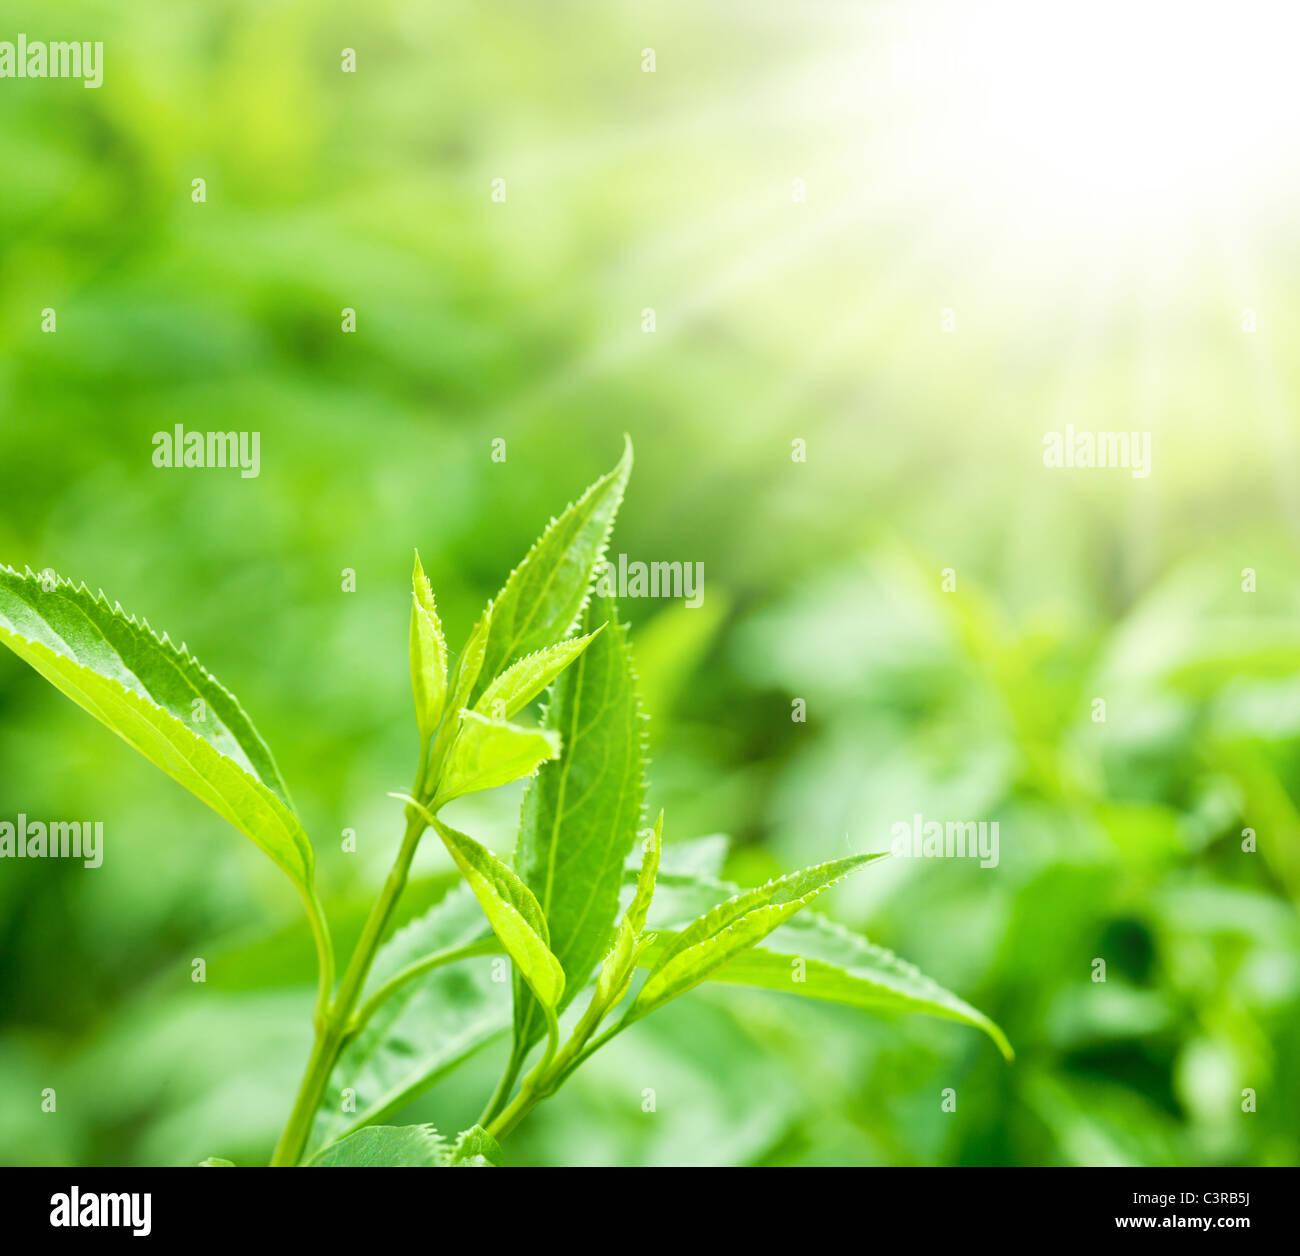 Teeblätter auf einer Plantage in den Strahlen des Sonnenlichts. Stockbild